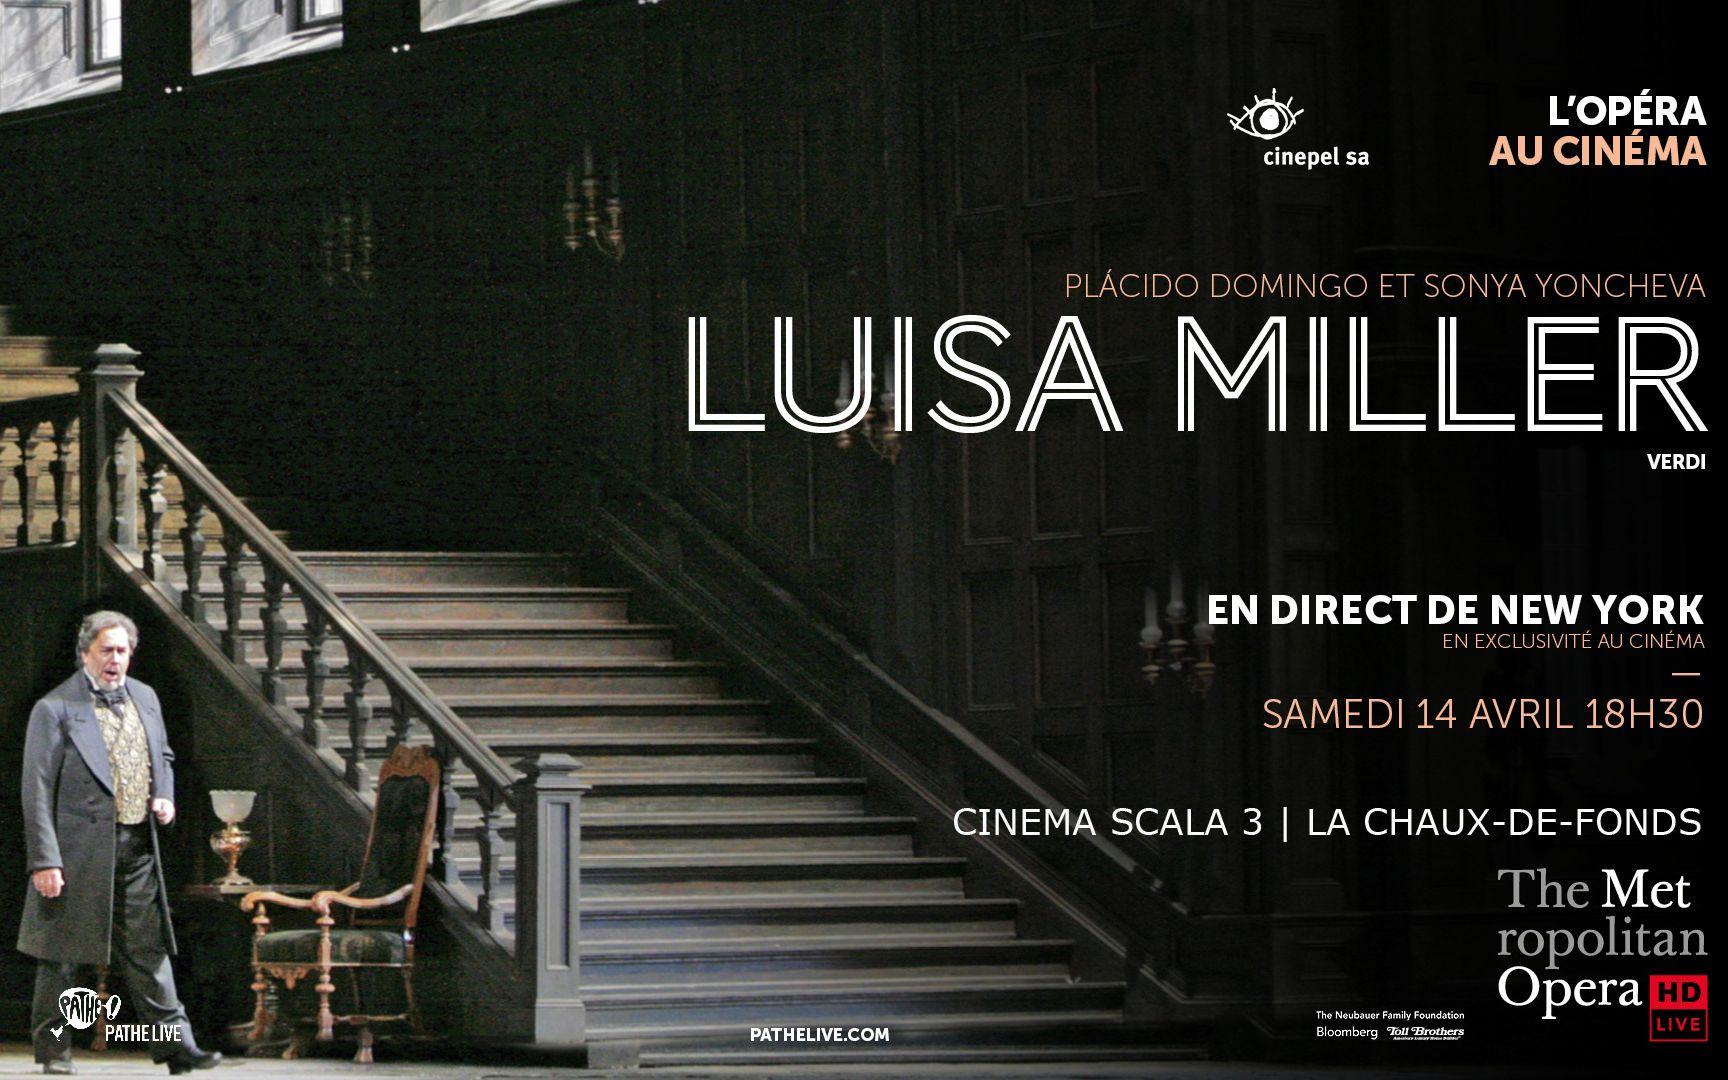 威爾第《路易莎·米勒》Verdi: Luisa Miller 2018.04.14大都會歌劇院 中文字幕_嗶哩嗶哩 (゜-゜)つロ 干杯~-bilibili